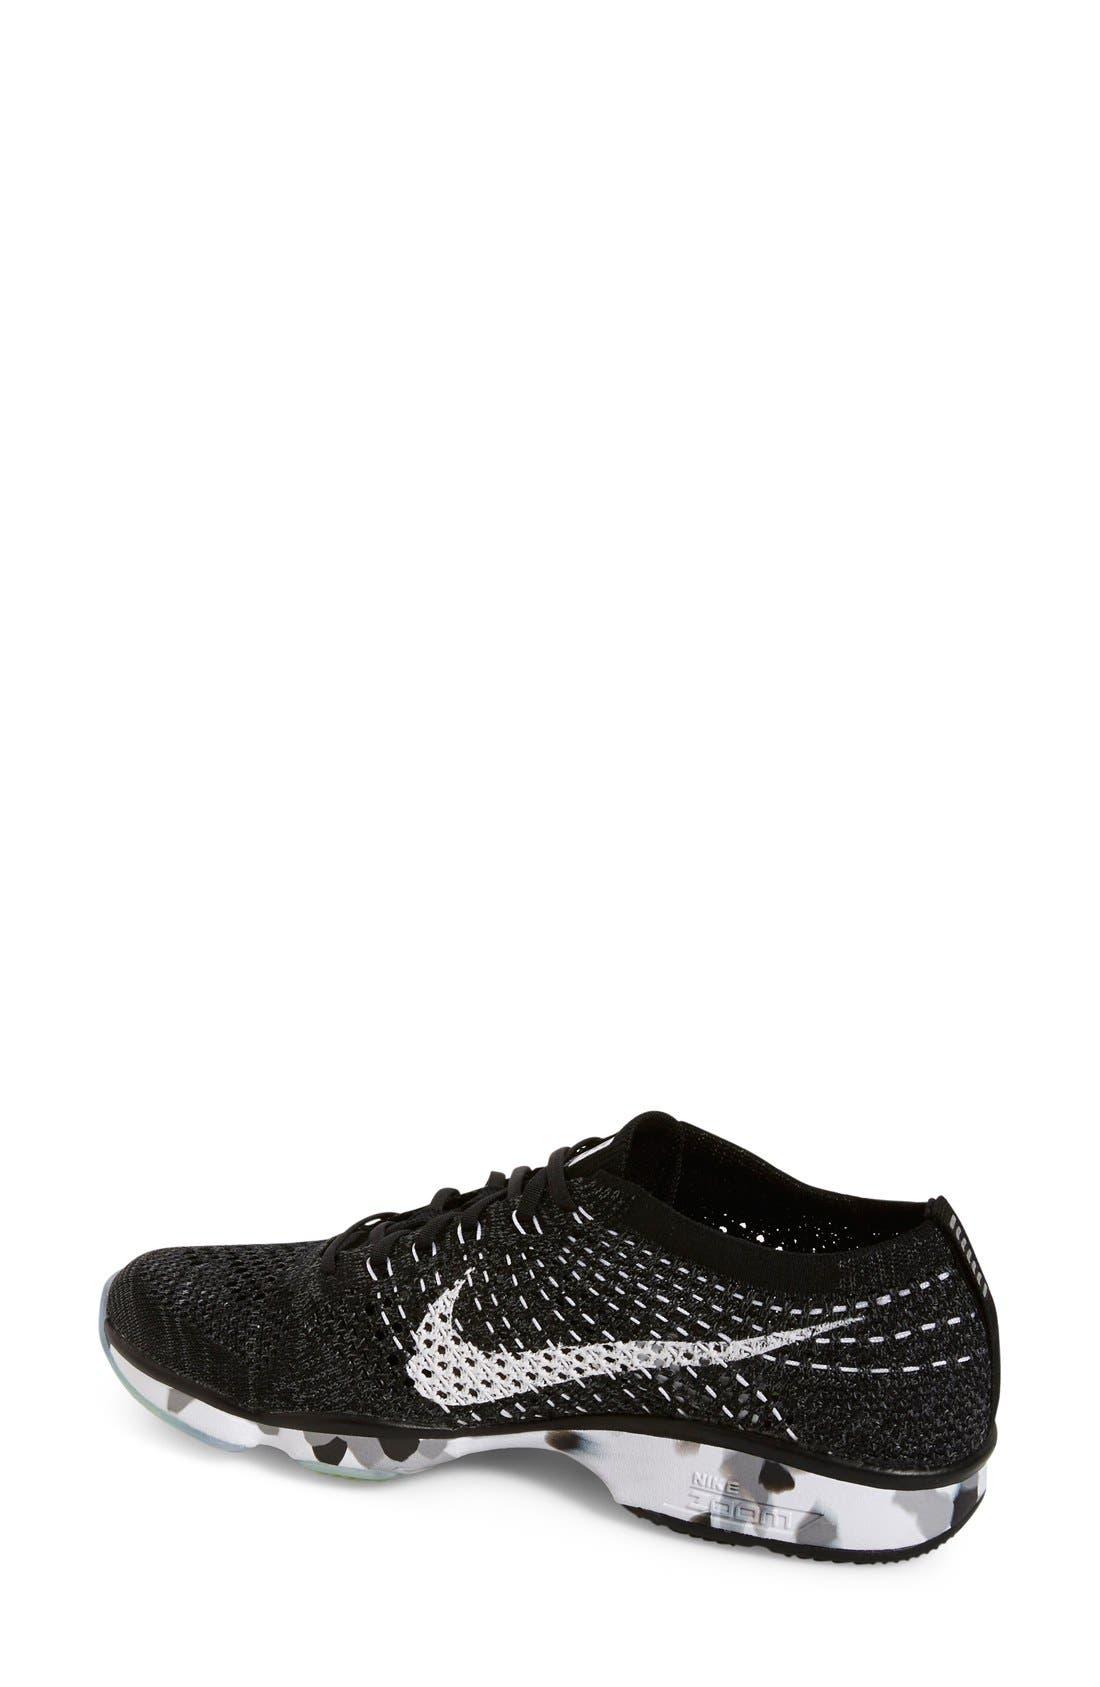 Alternate Image 2  - Nike 'Flyknit Zoom' Agility Training Shoe (Women)